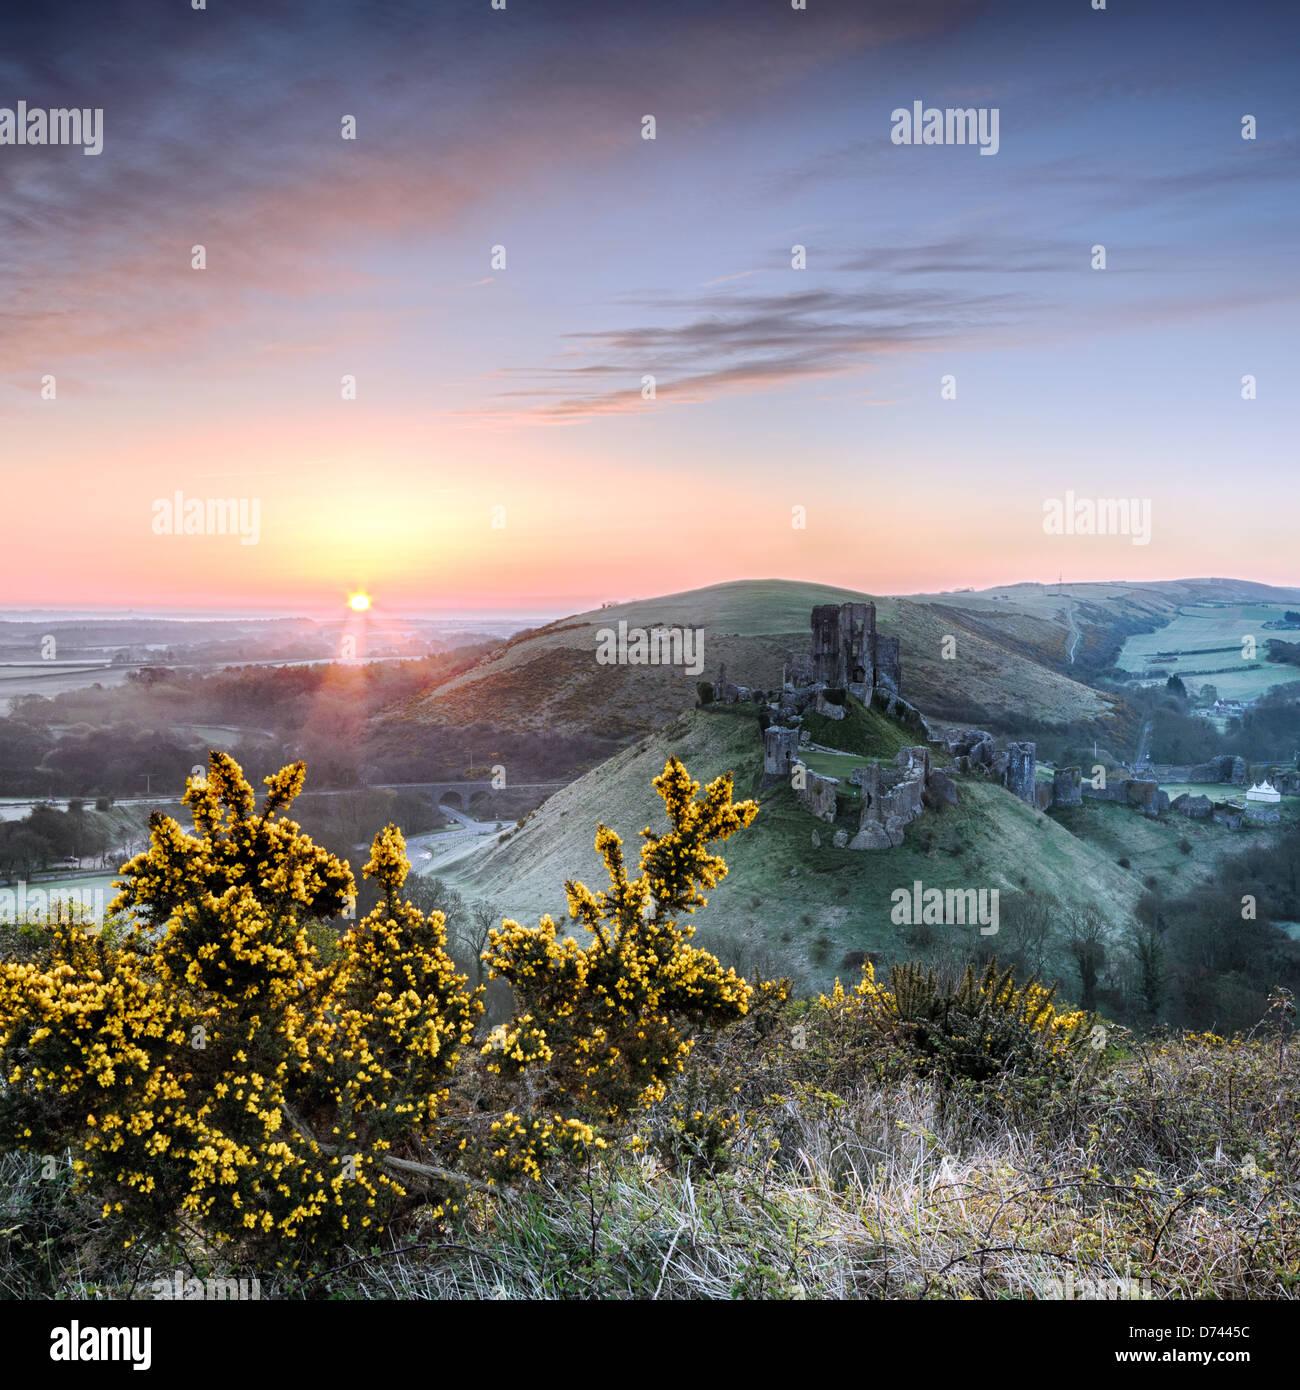 Amanecer con vistas a las ruinas del castillo Corfe en la isla de Purpeck en Dorset. Imagen De Stock